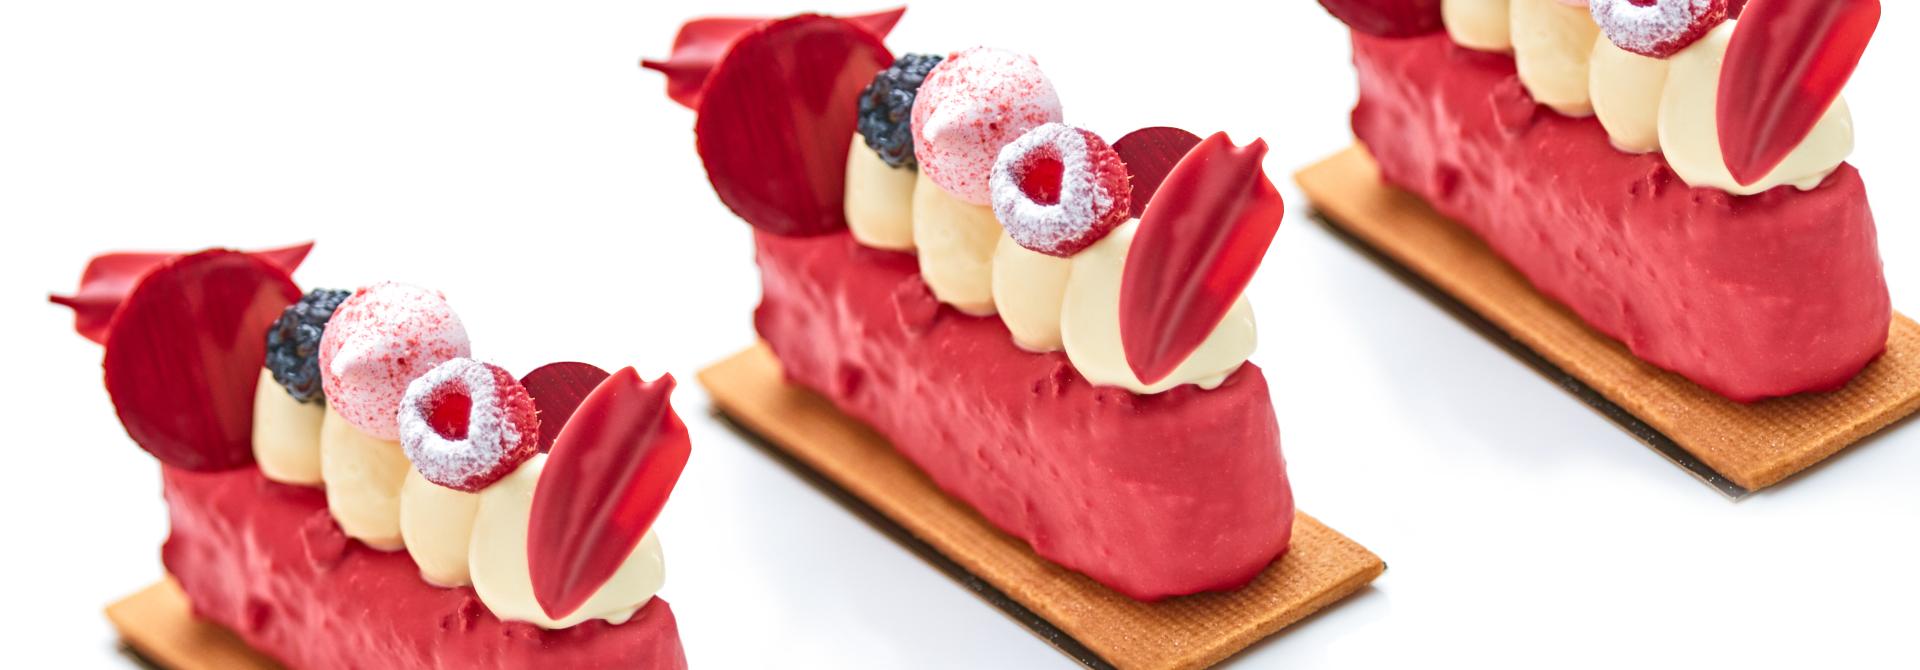 Beet Travel Cake